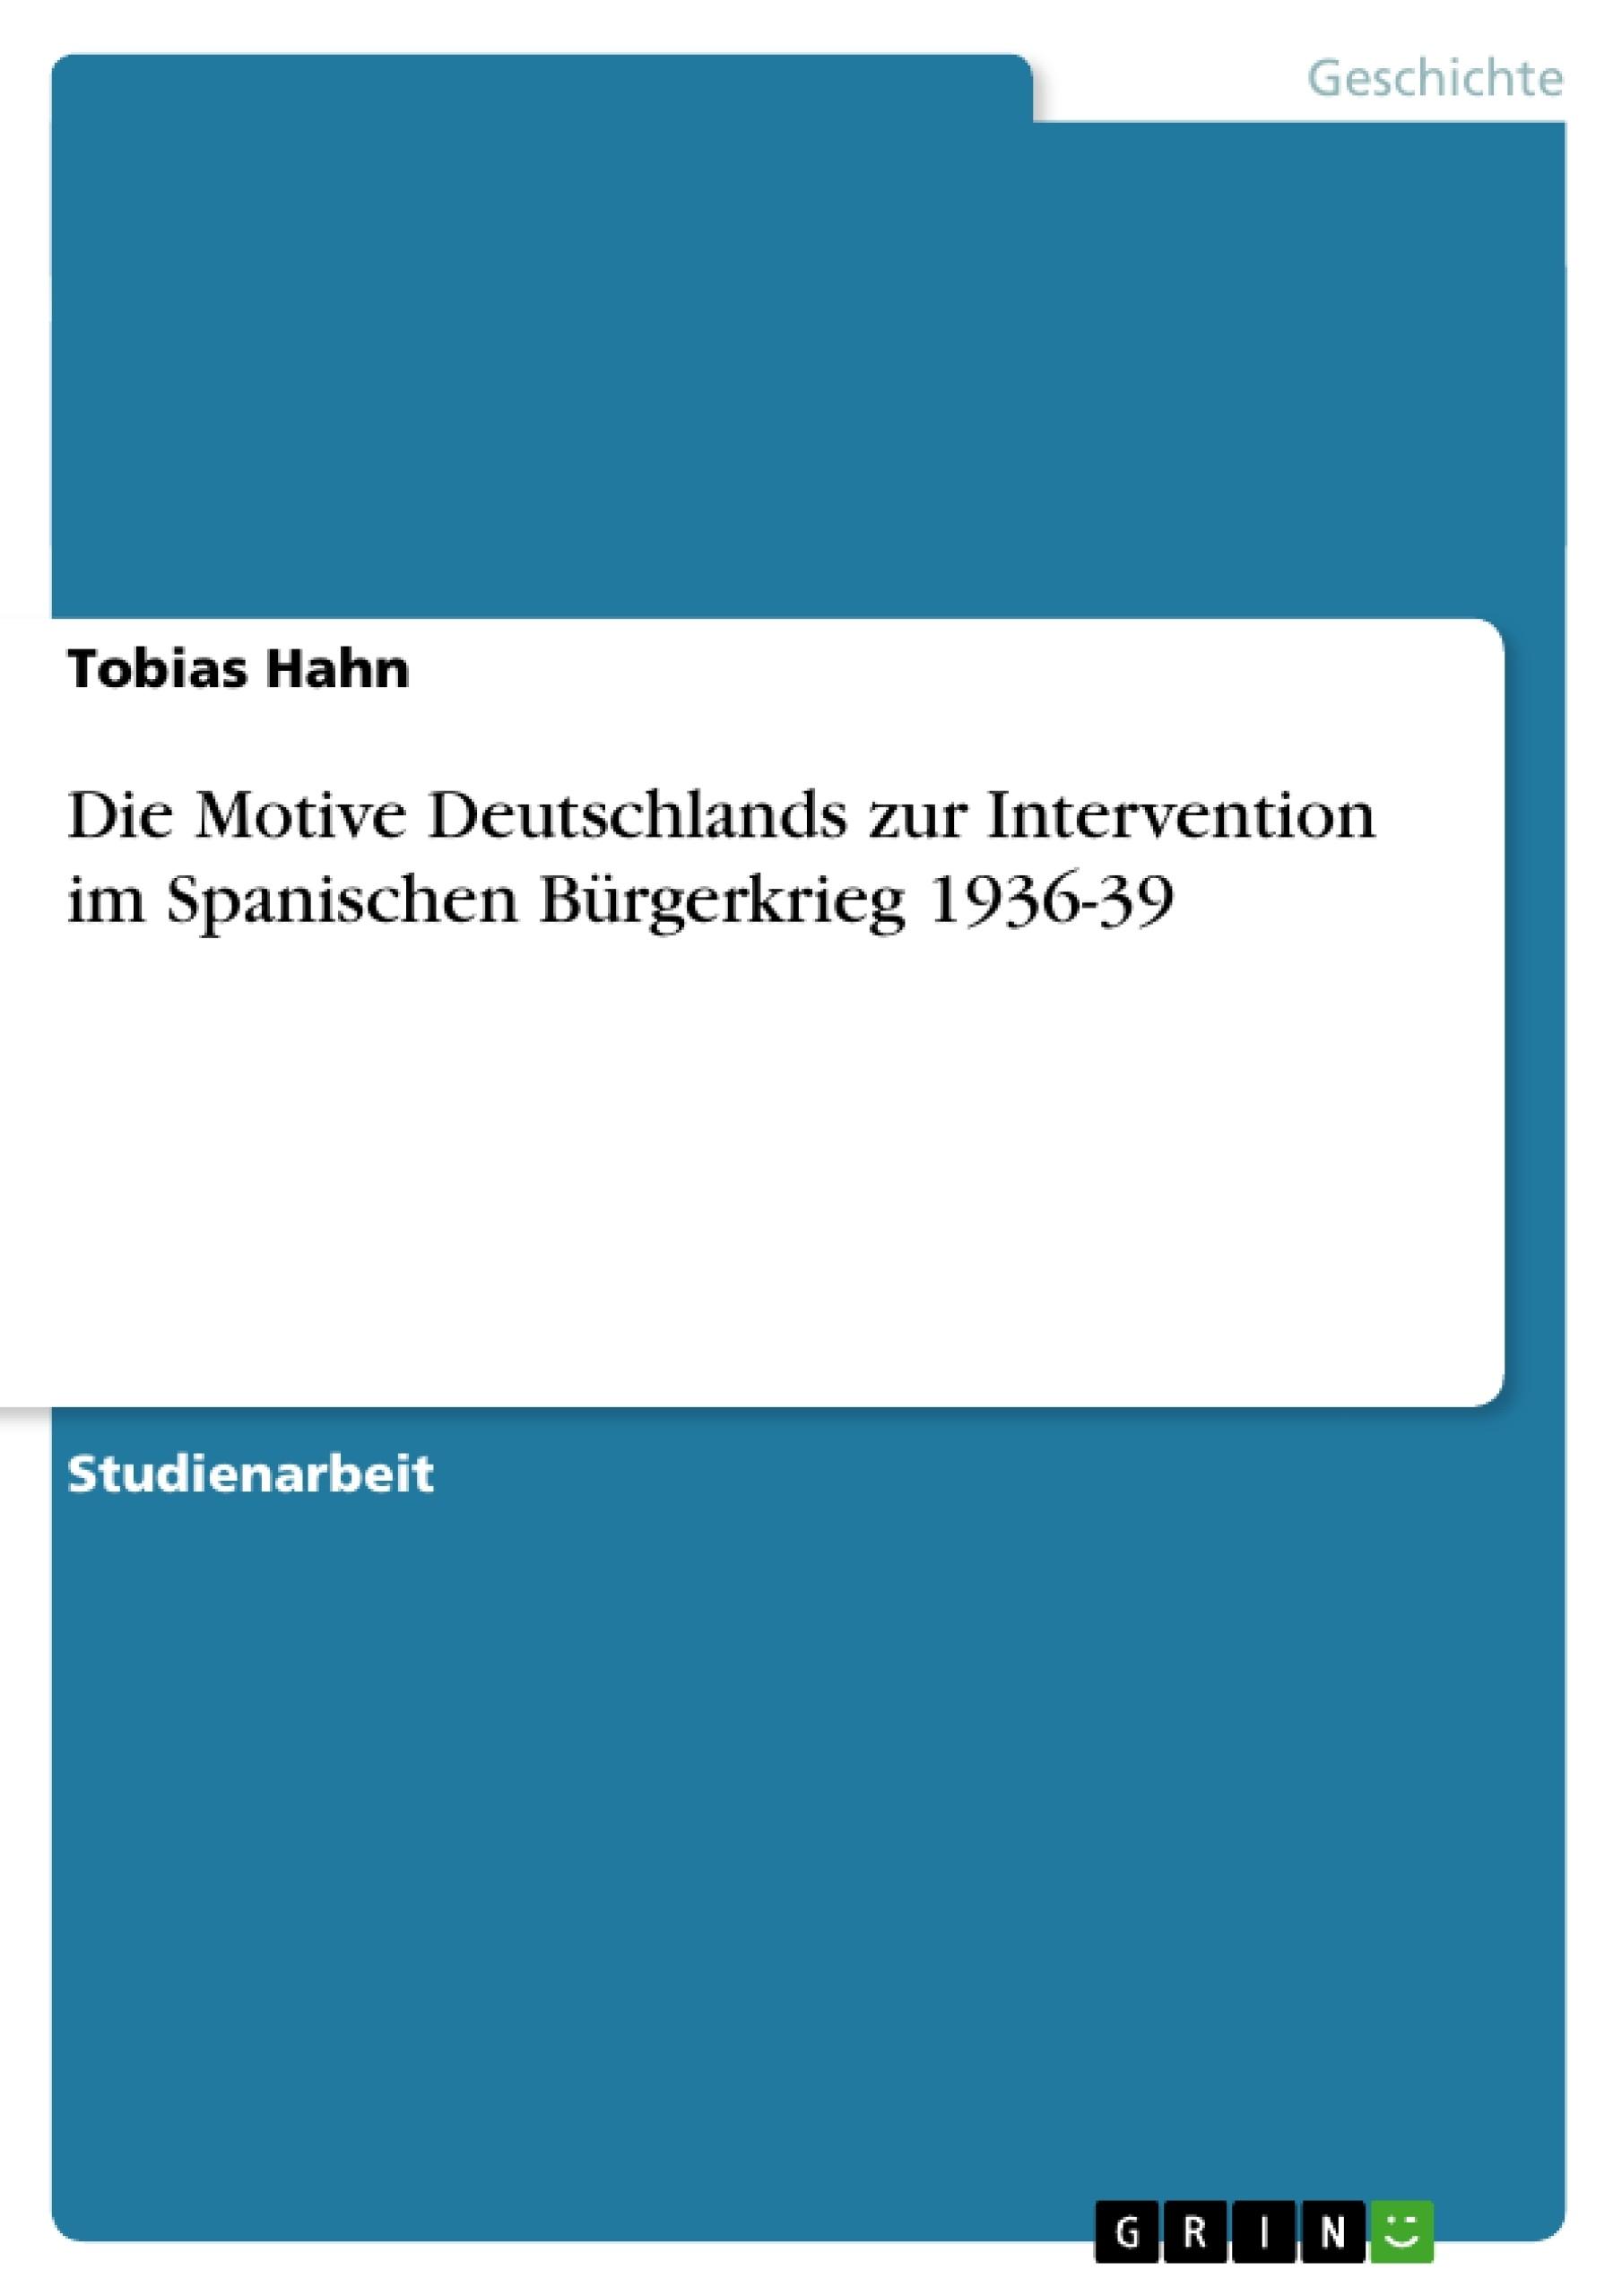 Titel: Die Motive Deutschlands zur Intervention im Spanischen Bürgerkrieg 1936-39